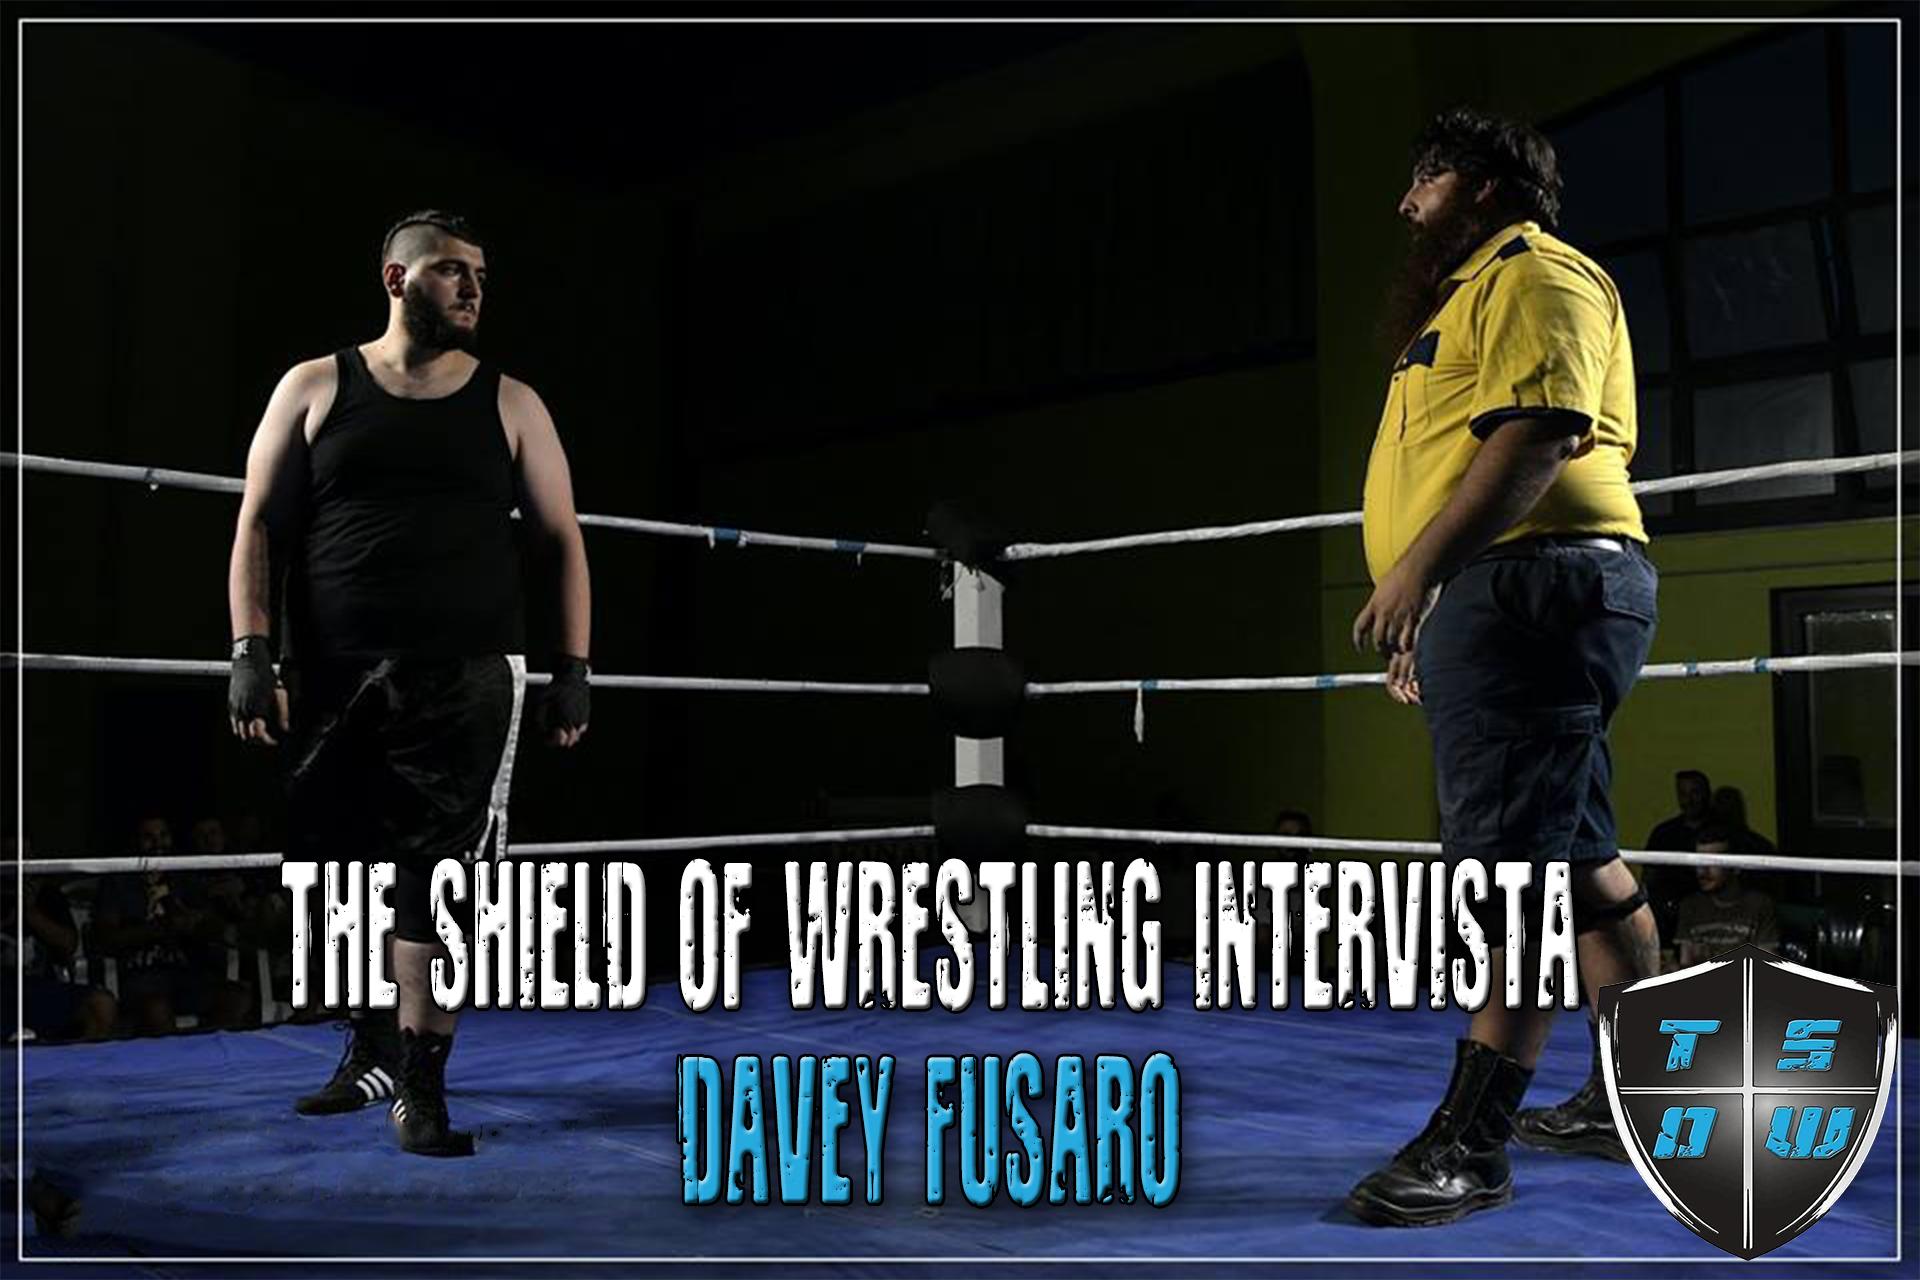 Intervista a Davey Fusaro